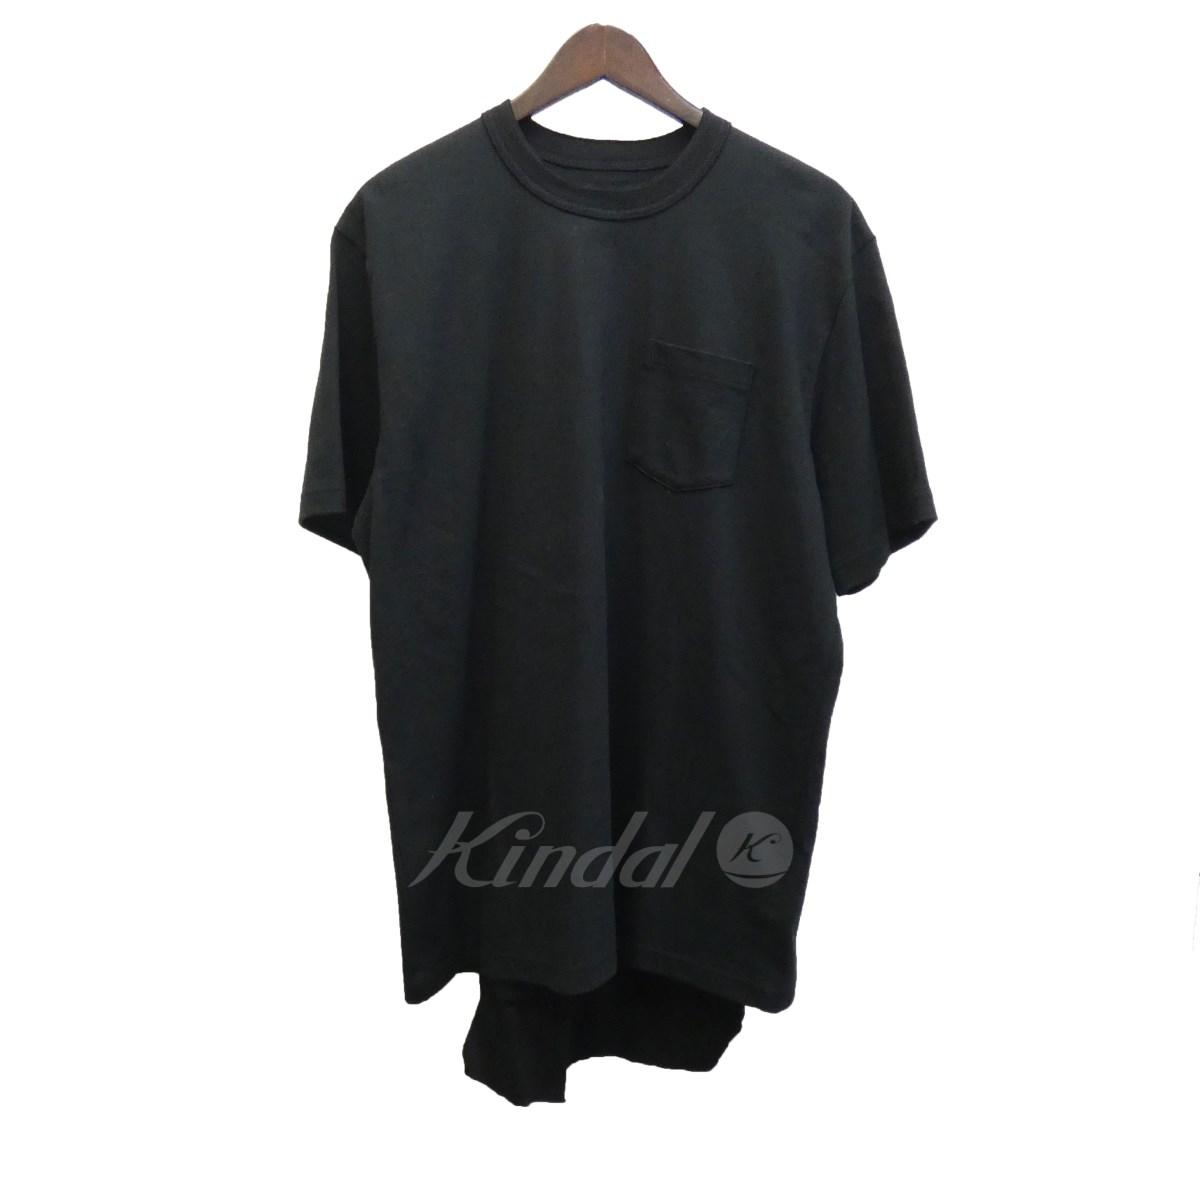 【中古】sacai 17AW エプロン付きオーバーサイズTシャツ「My Hero Tshirt」 ブラック サイズ:1 【040519】(サカイ)